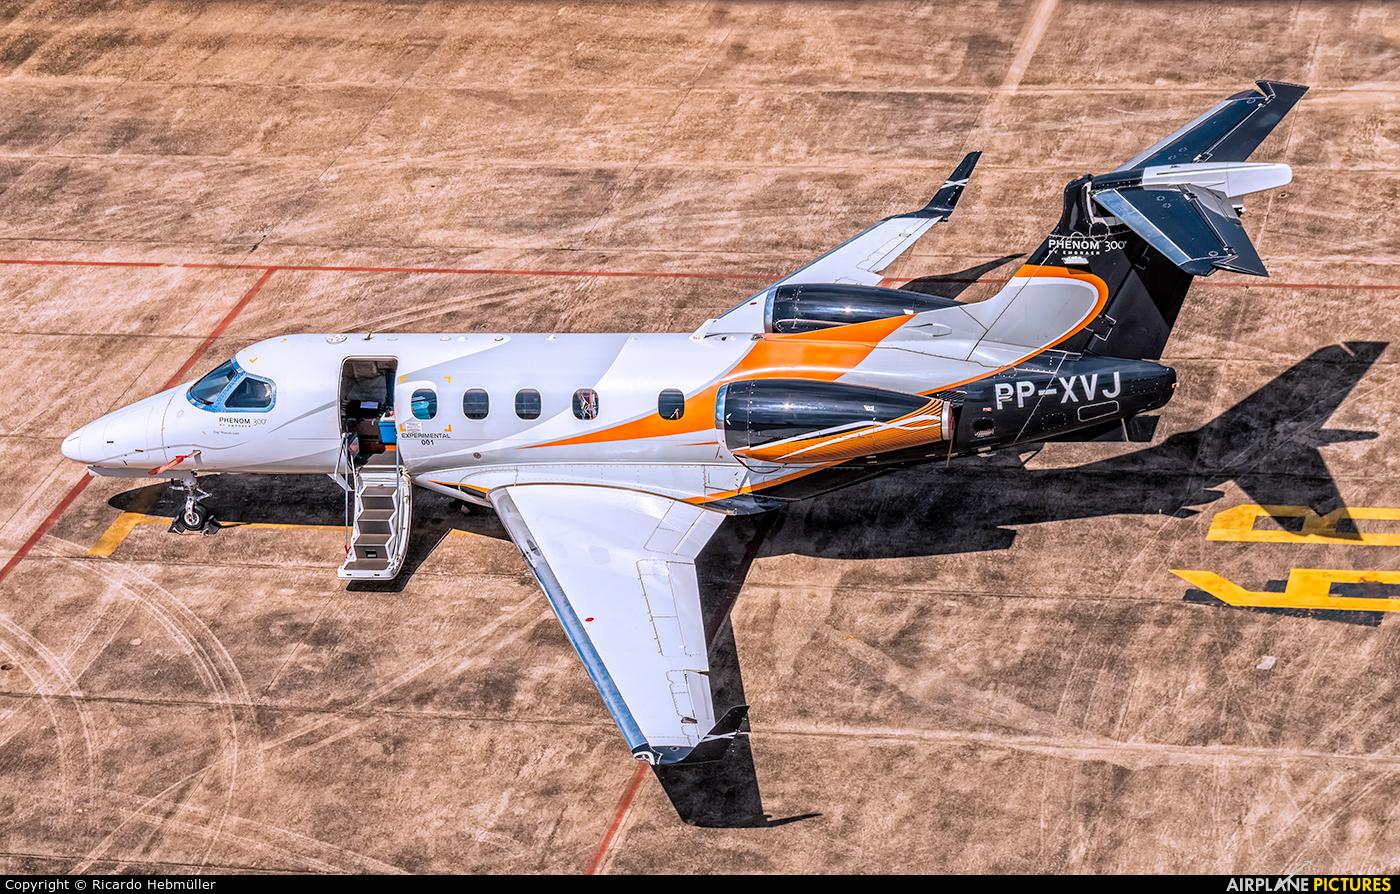 Embraer PP-XVJ aircraft at São José dos Campos, SP